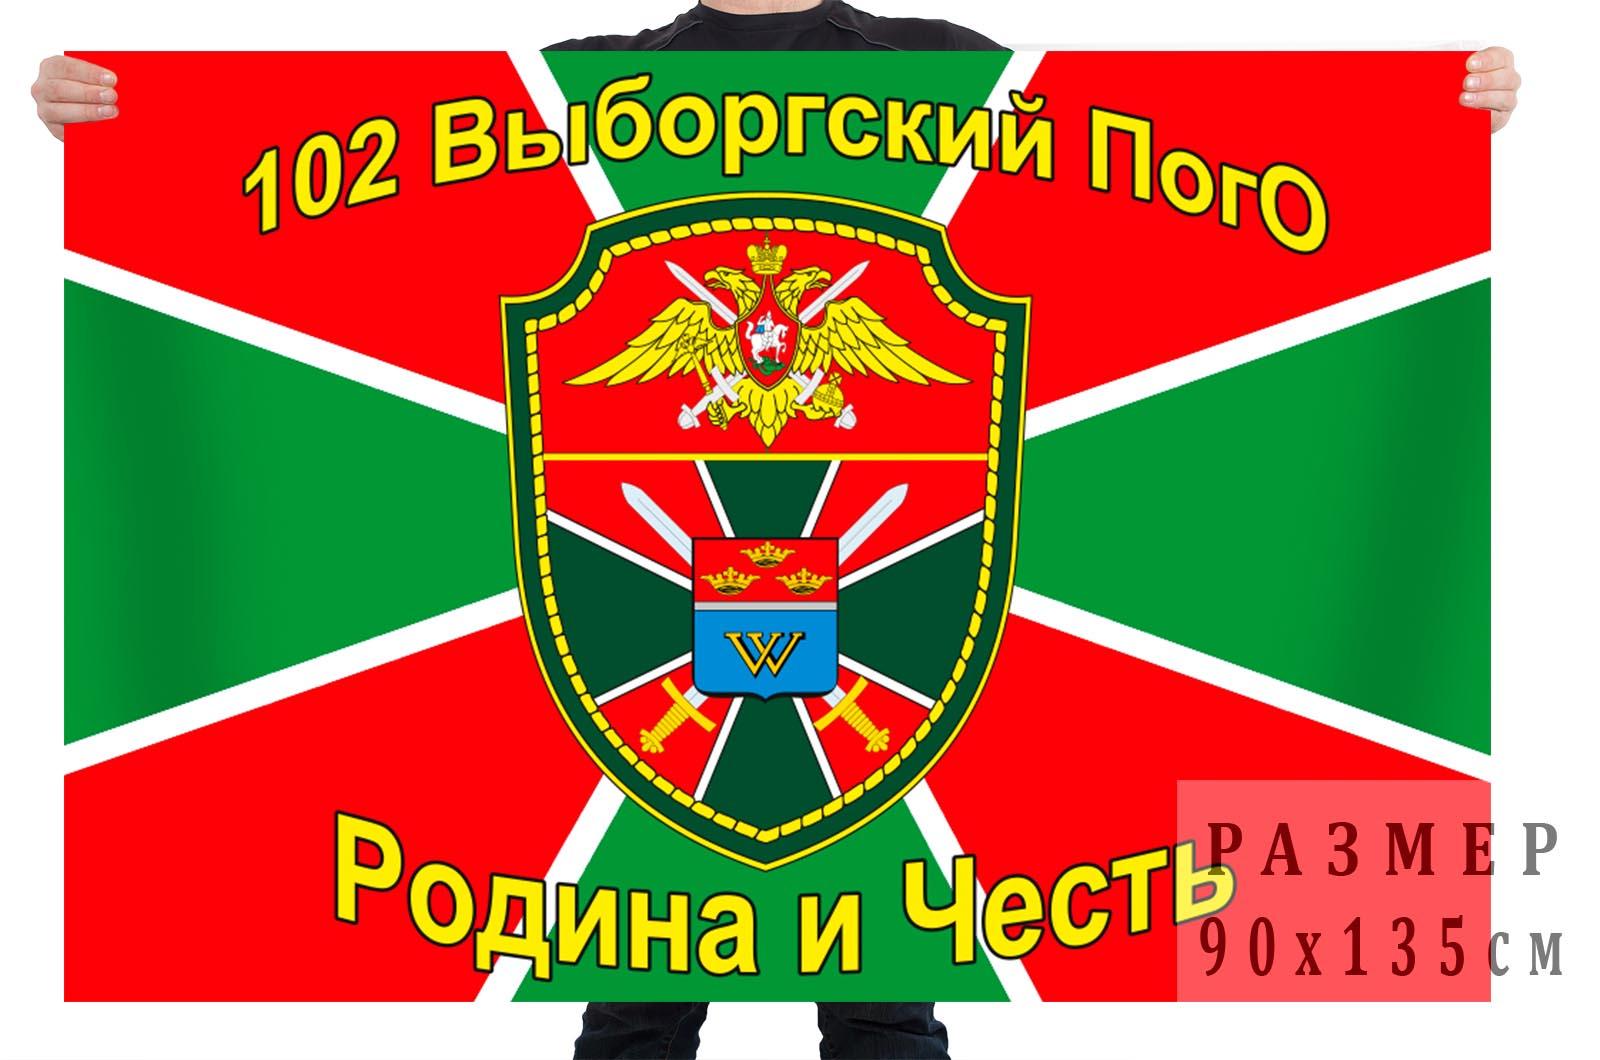 Флаг 102 Выборгского пограничного отряда